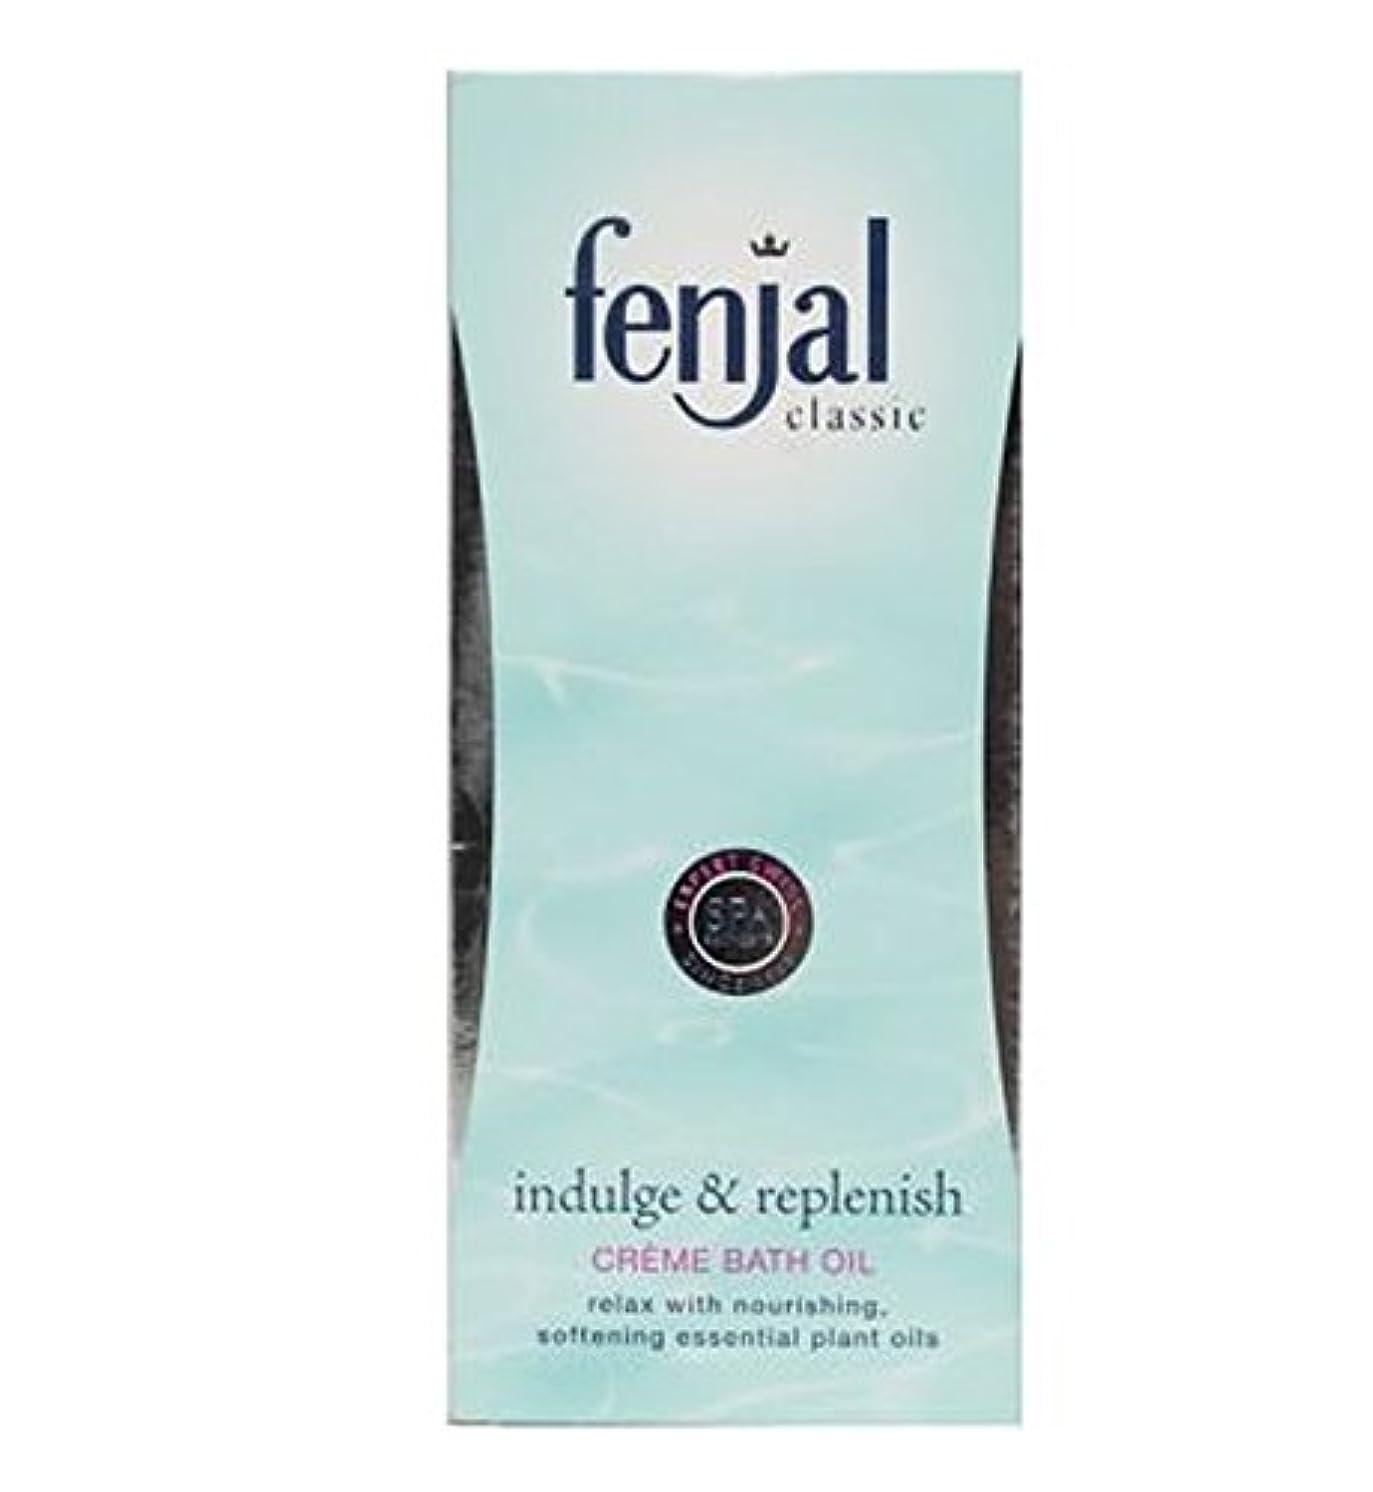 謙虚なミントレジデンスFenjal Classic Luxury Creme Bath Oil 125 ml - Fenjal古典的な高級クリームバスオイル125ミリリットル (Fenjal) [並行輸入品]